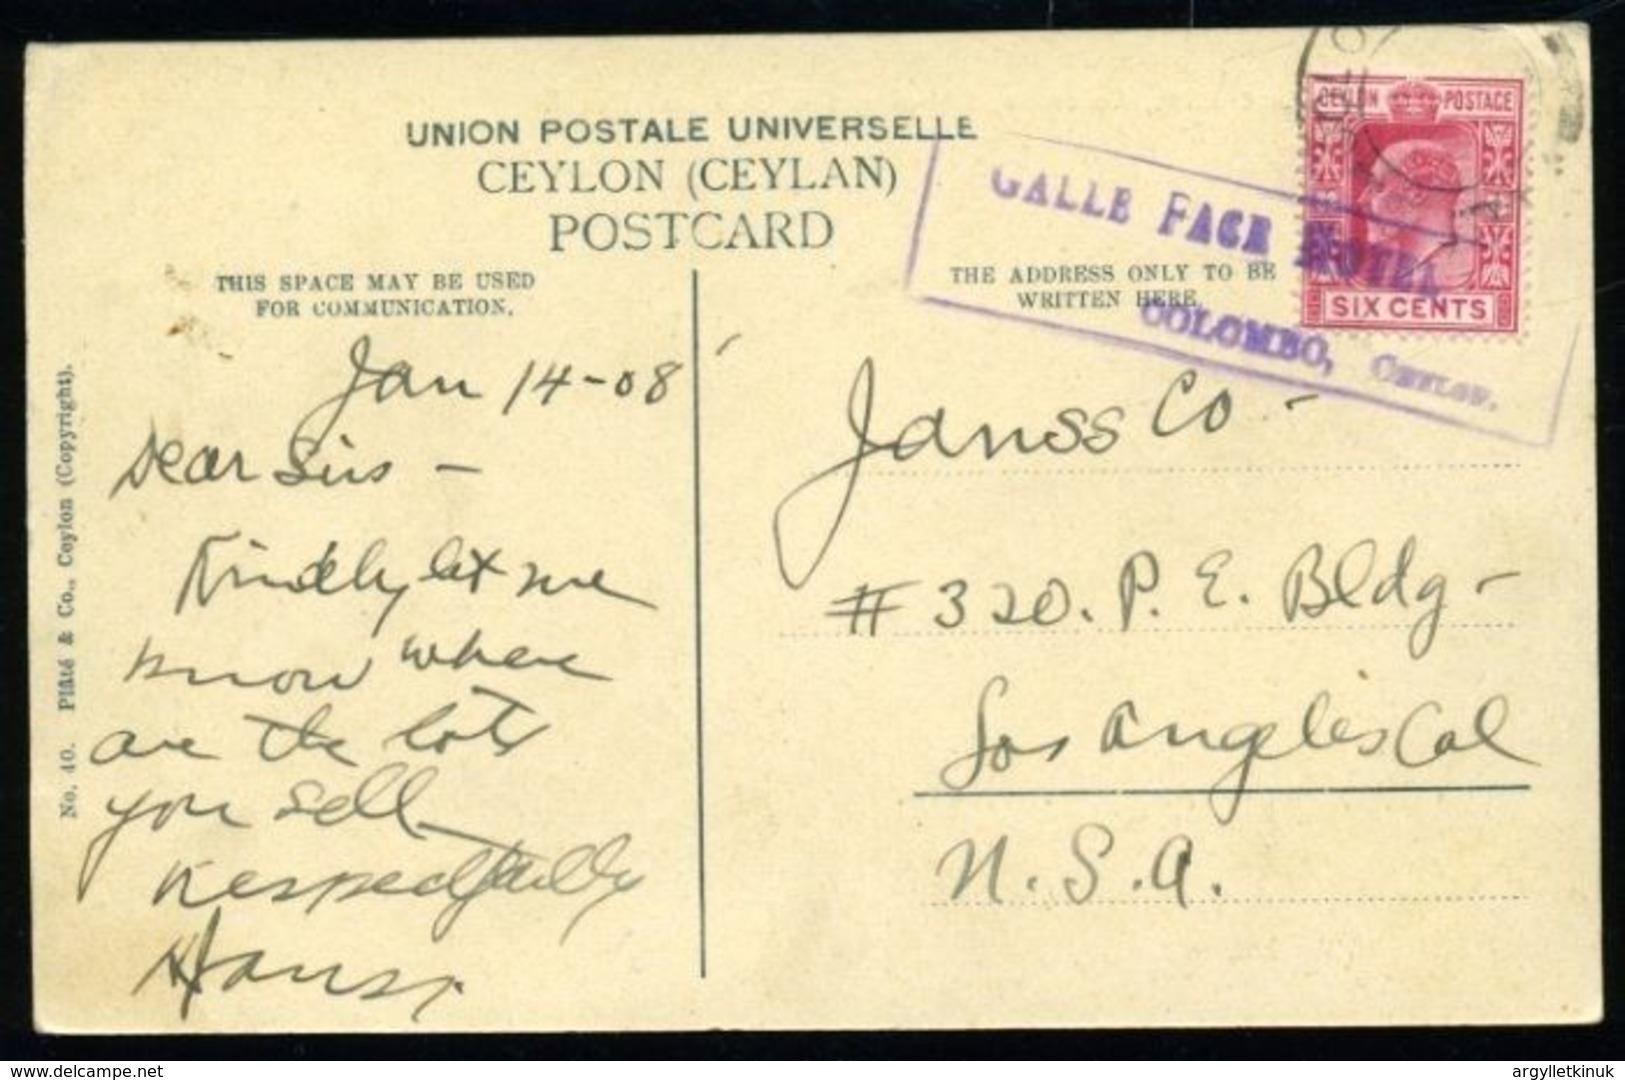 CEYLON KE7 GALLE FACE HOTEL POSTCARD - Ceylon (...-1947)